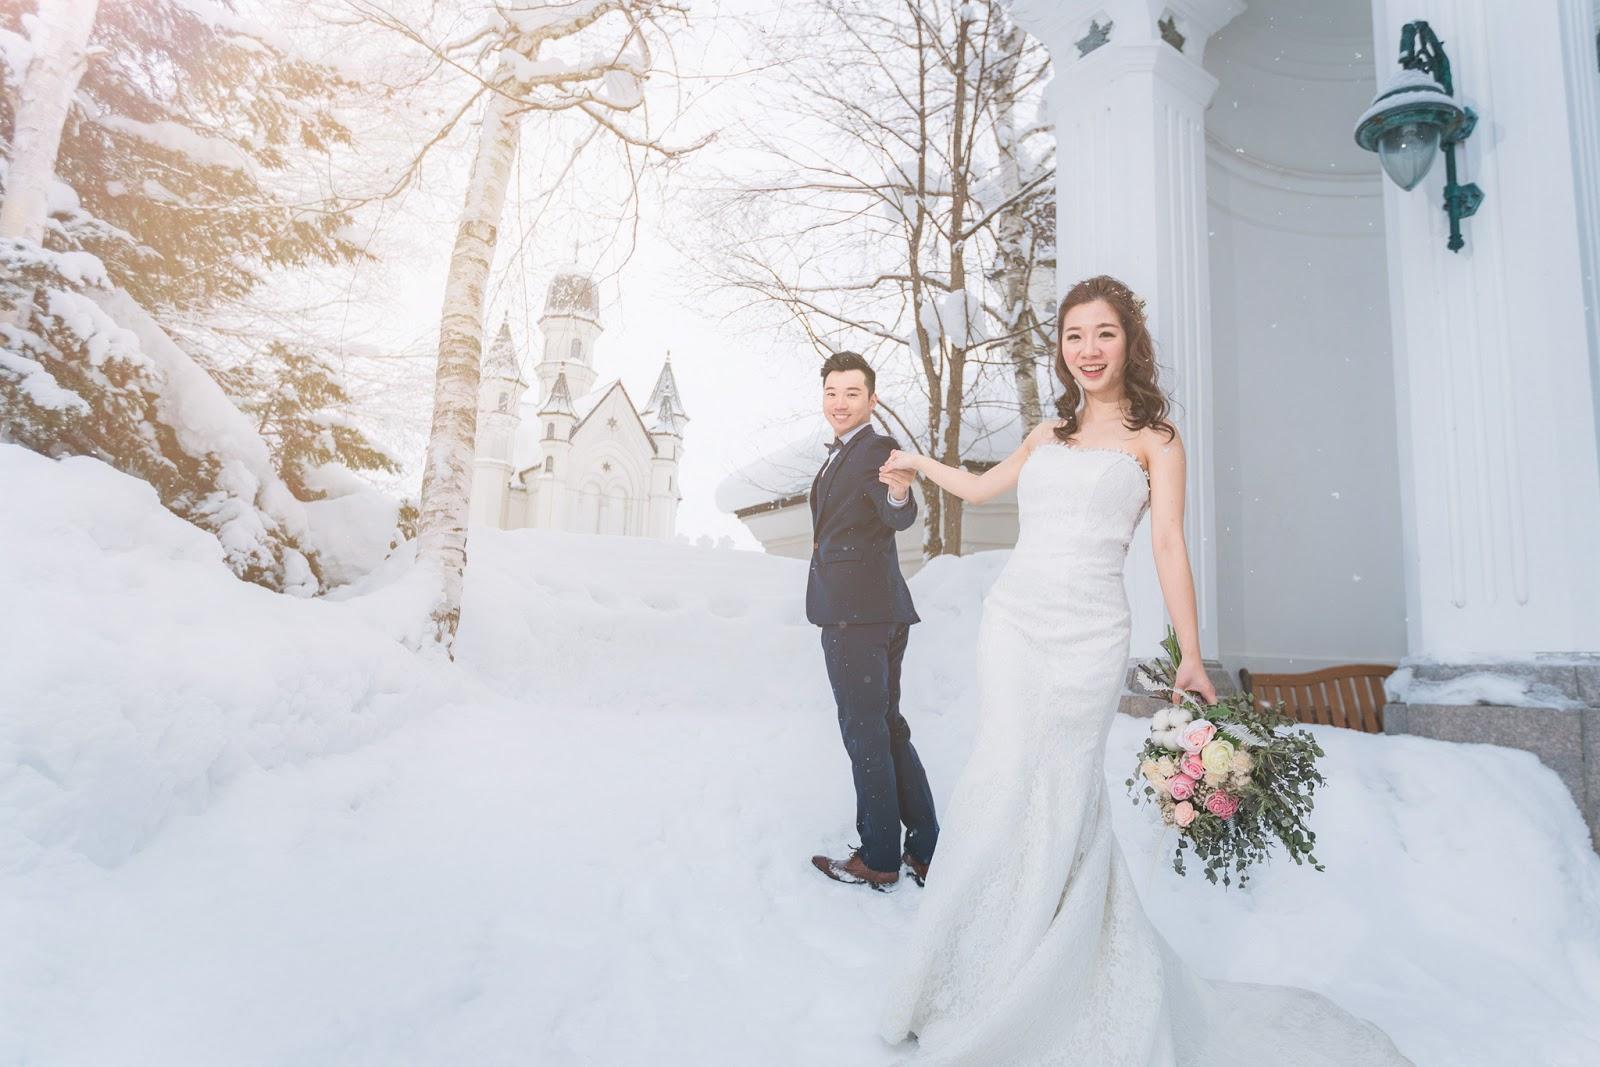 [北海道雪國婚紗] 日本海外婚紗 世界最美的北海道雪景婚紗 台北海外婚紗推薦